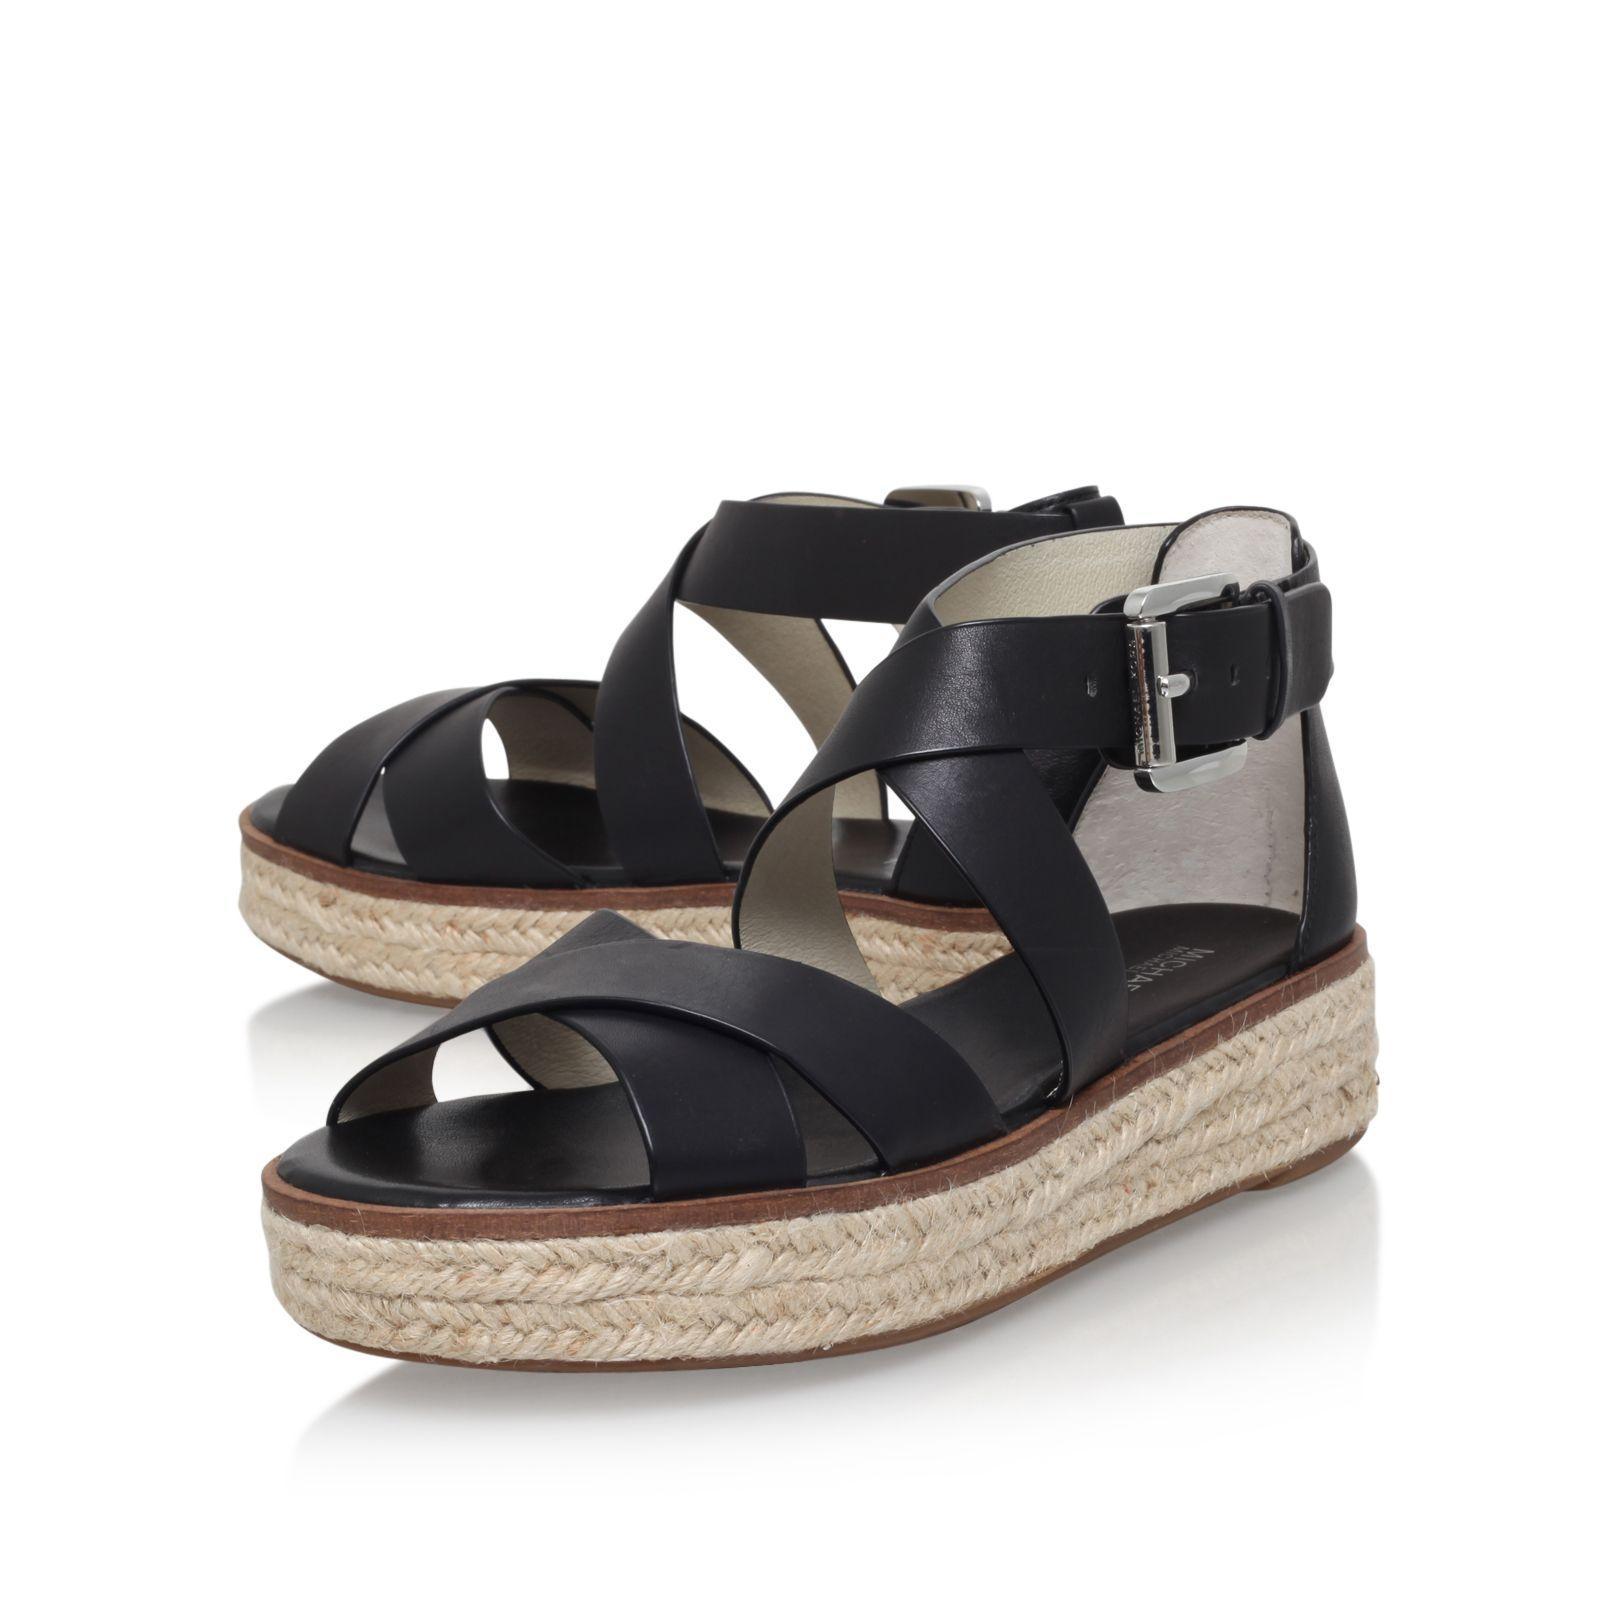 michael kors darby flat espadrille sandals in black lyst. Black Bedroom Furniture Sets. Home Design Ideas